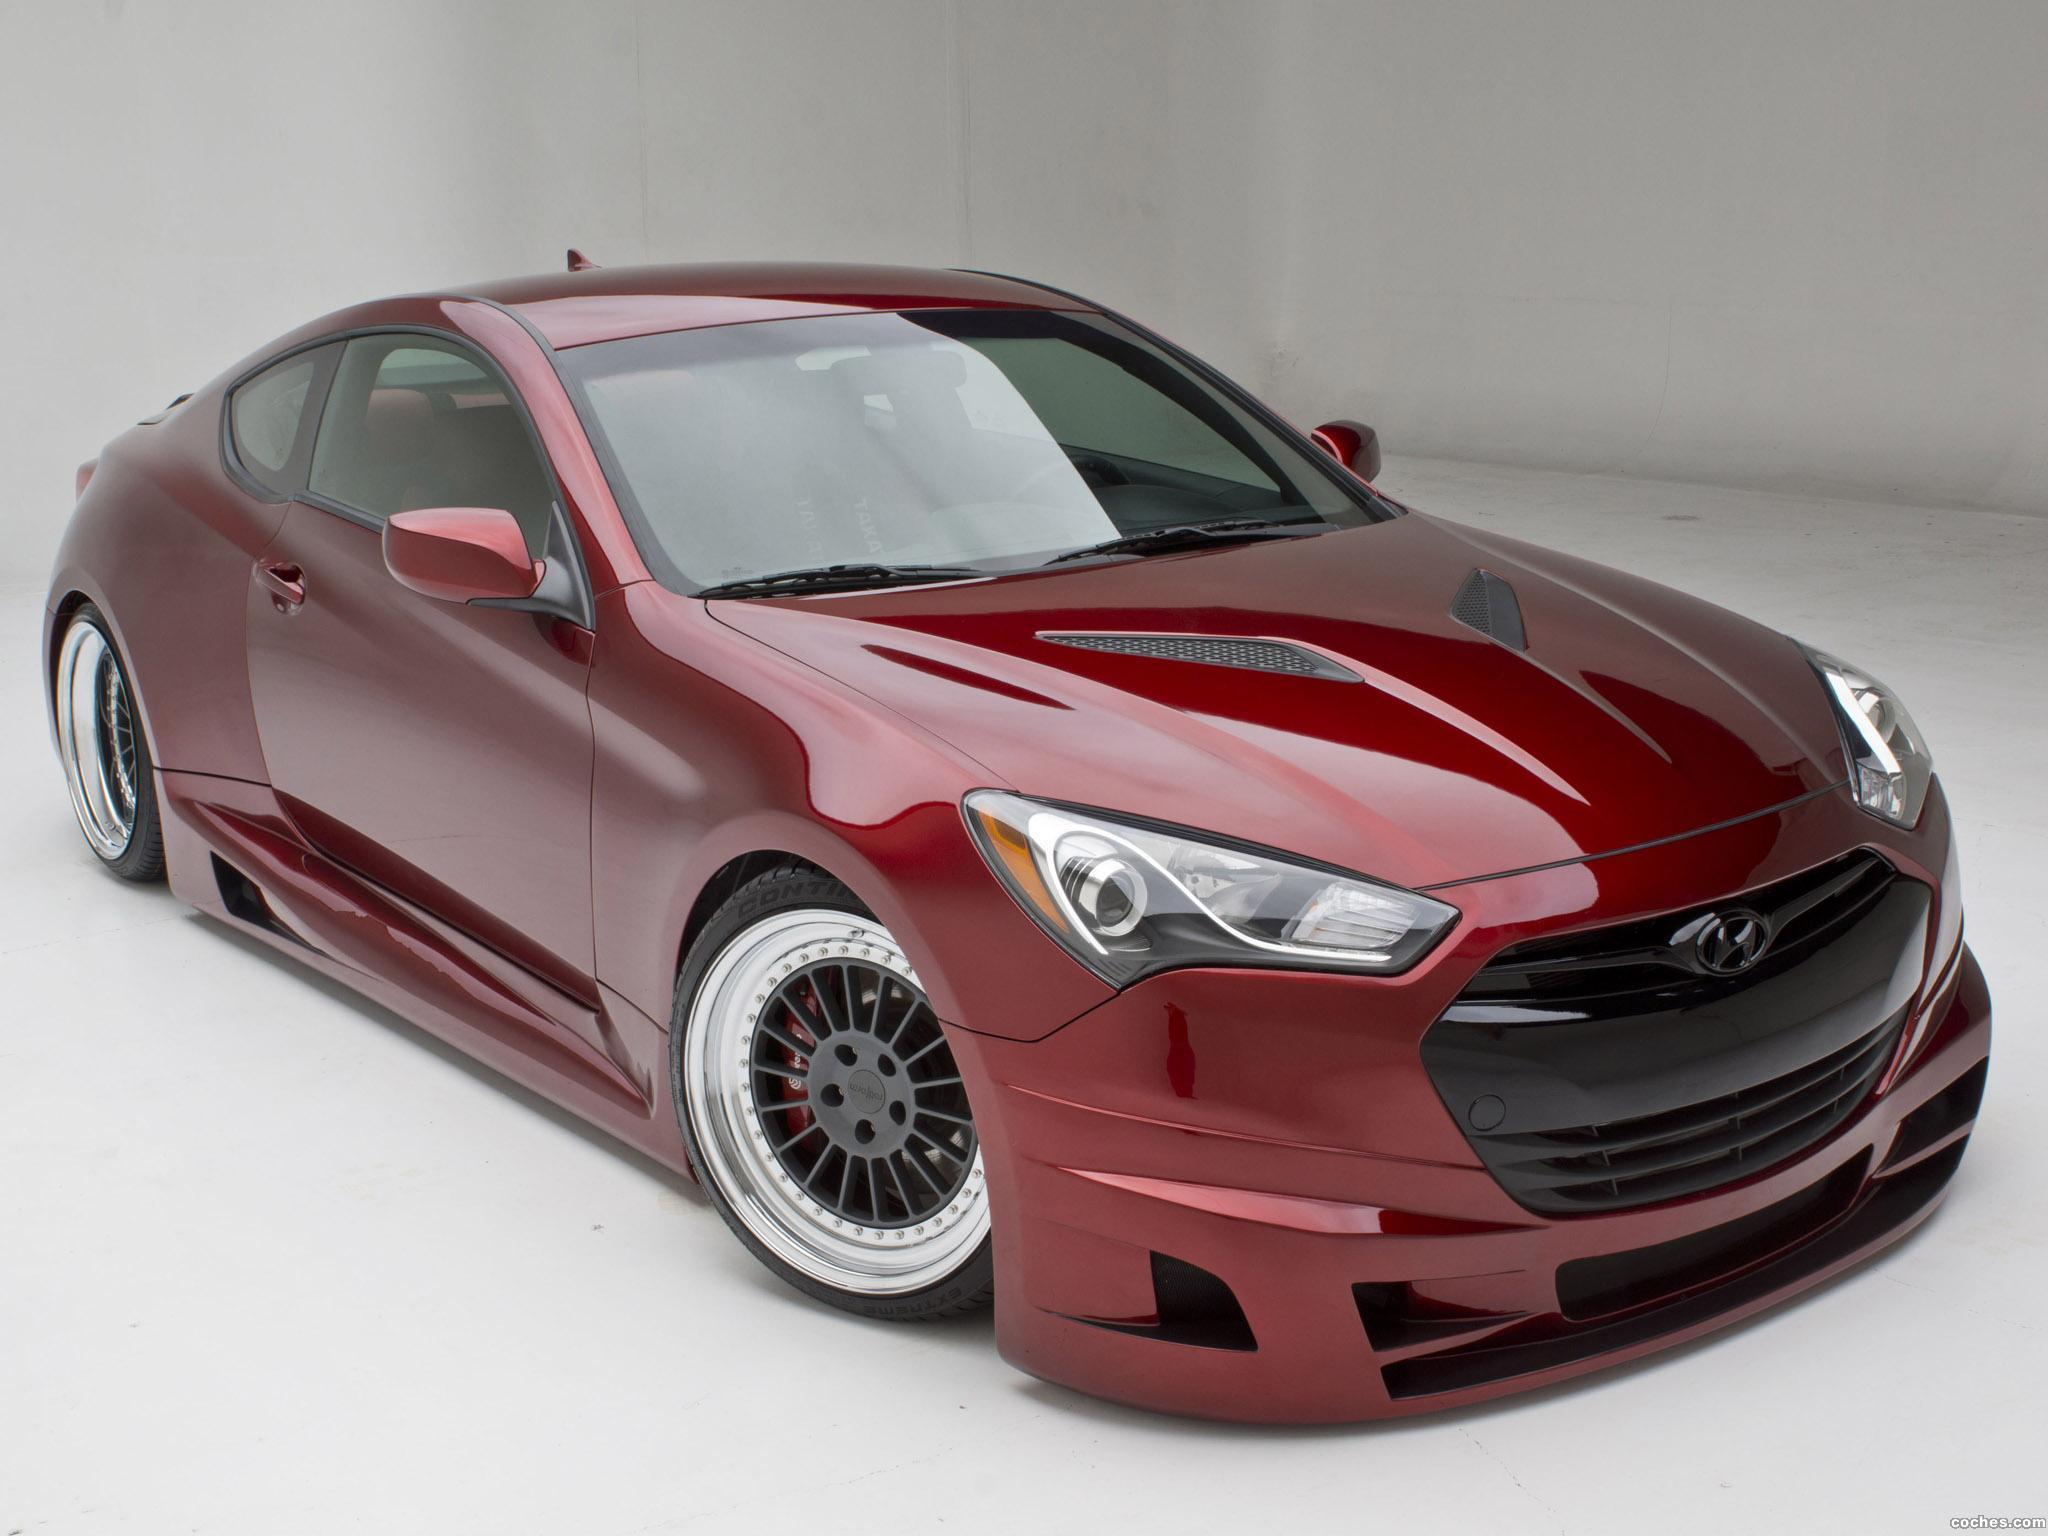 Foto 0 de Hyundai Genesis Coupe Turbo Concept FuelCulture 2012